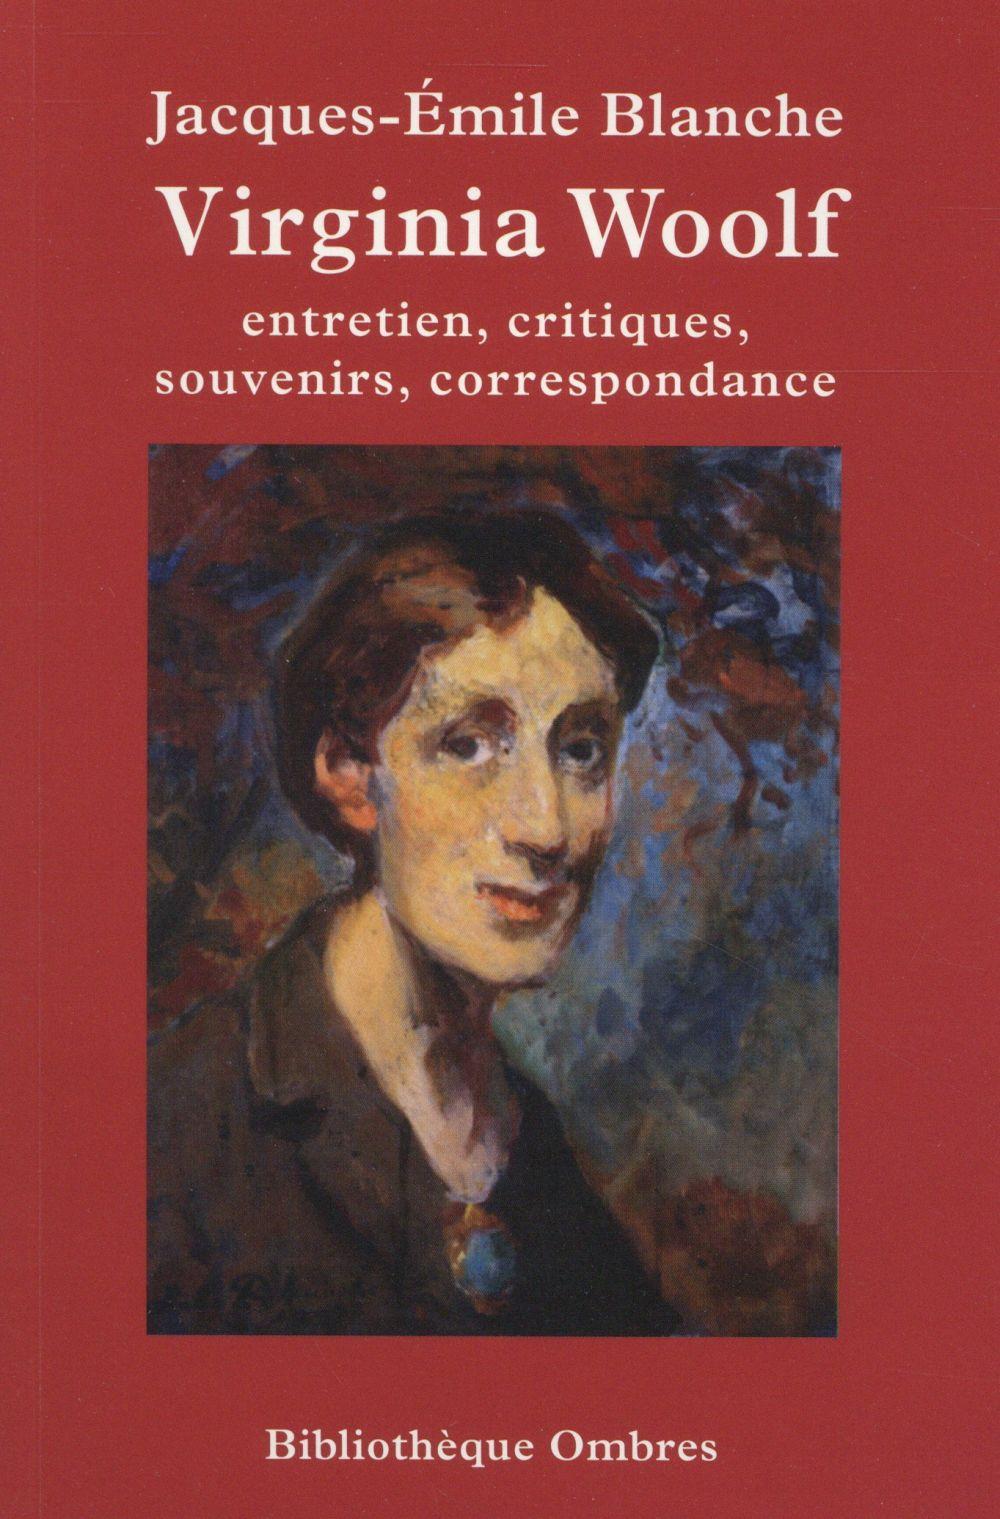 Virginia Woolf ; entretien, critiques, traductions, souvenirs, correspondance